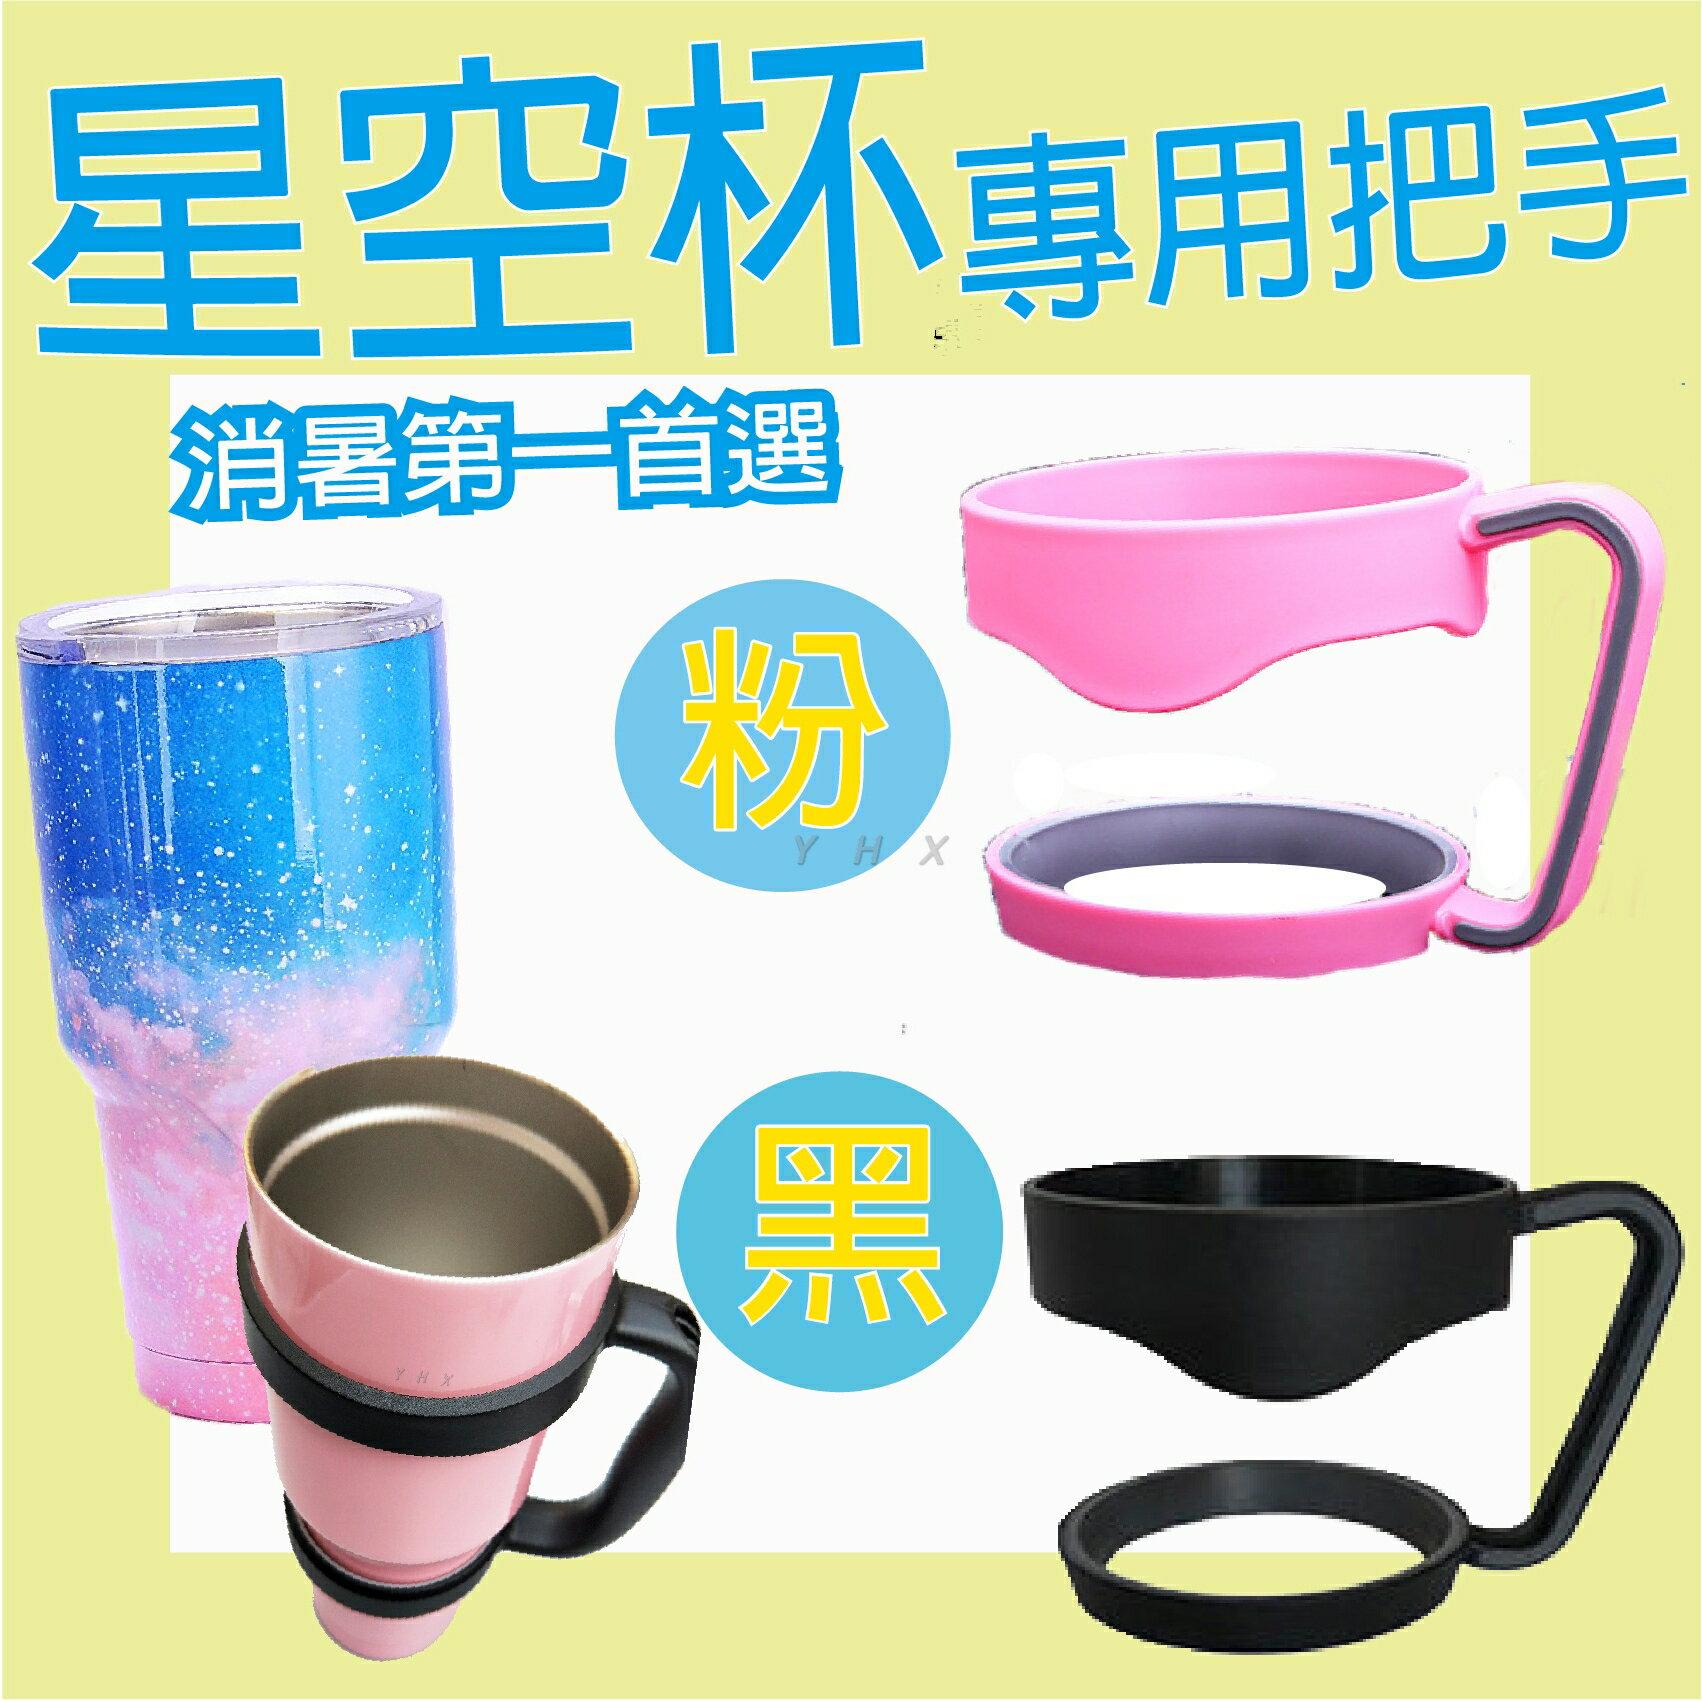 現貨!!冰霸杯 星空杯 冰酷杯 專用配件 手把 保冰杯 保溫杯 啤酒杯 極久酷冰杯